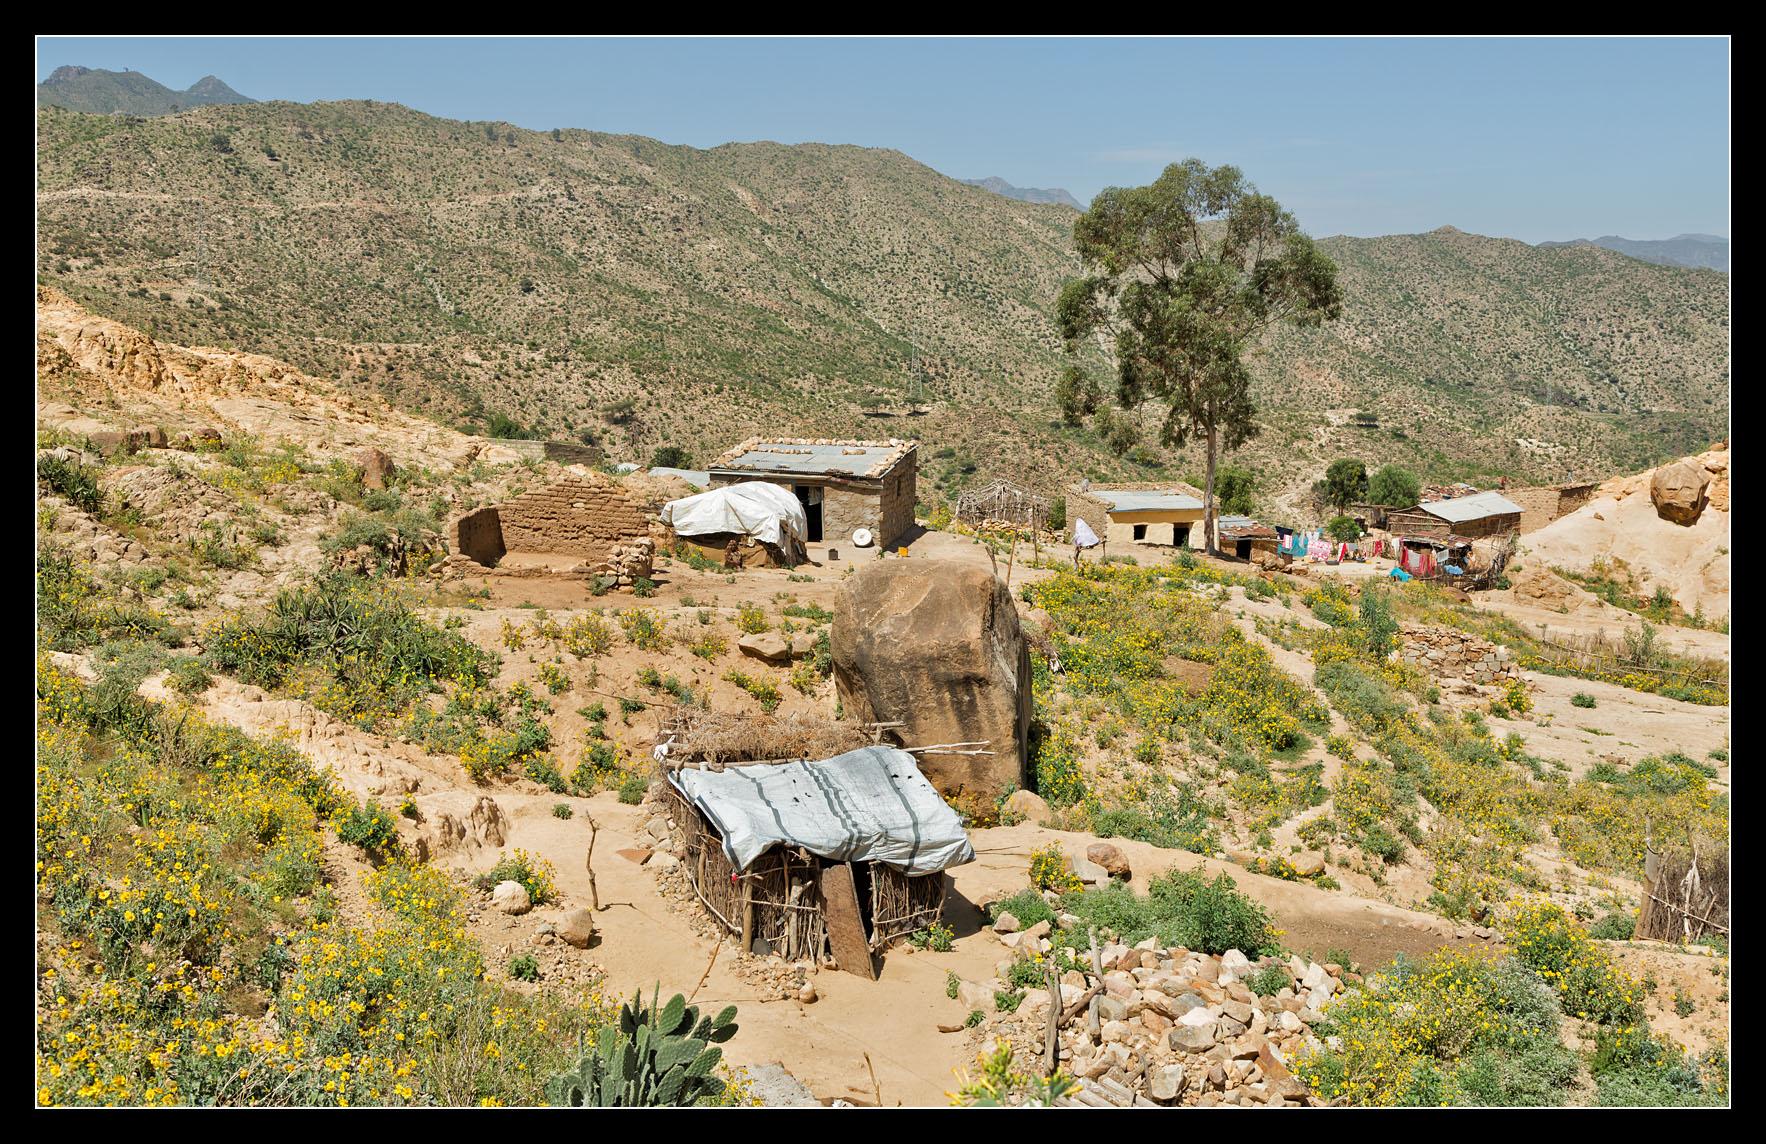 http://raildata.info/eritrea18/eri0726.jpg